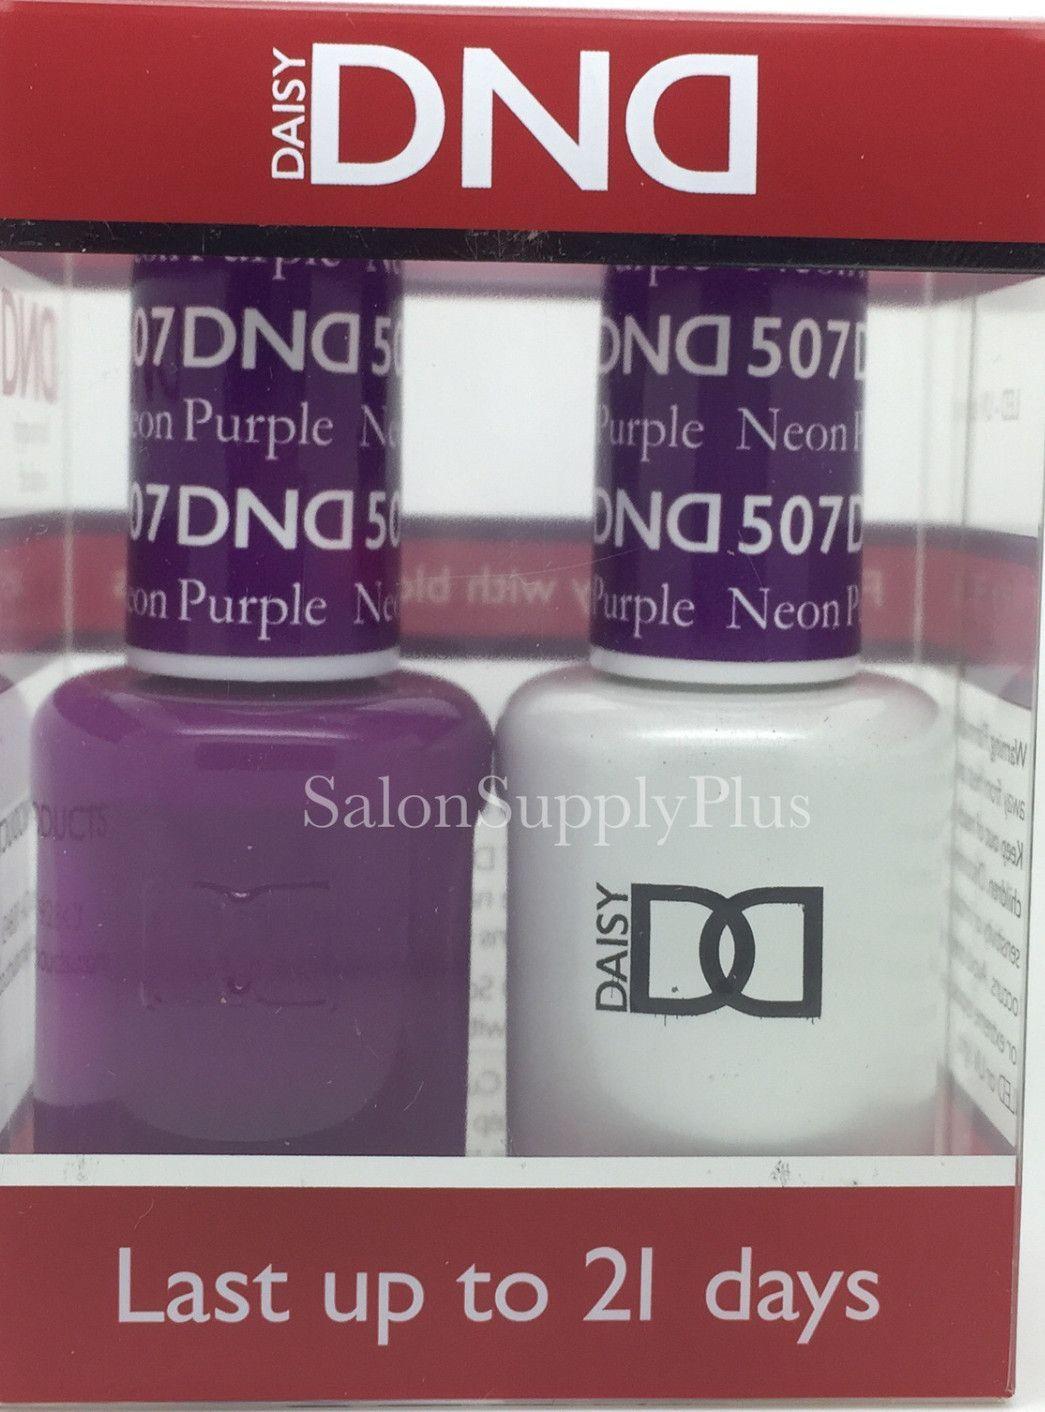 507 - DND Duo Gel - Neon Purple